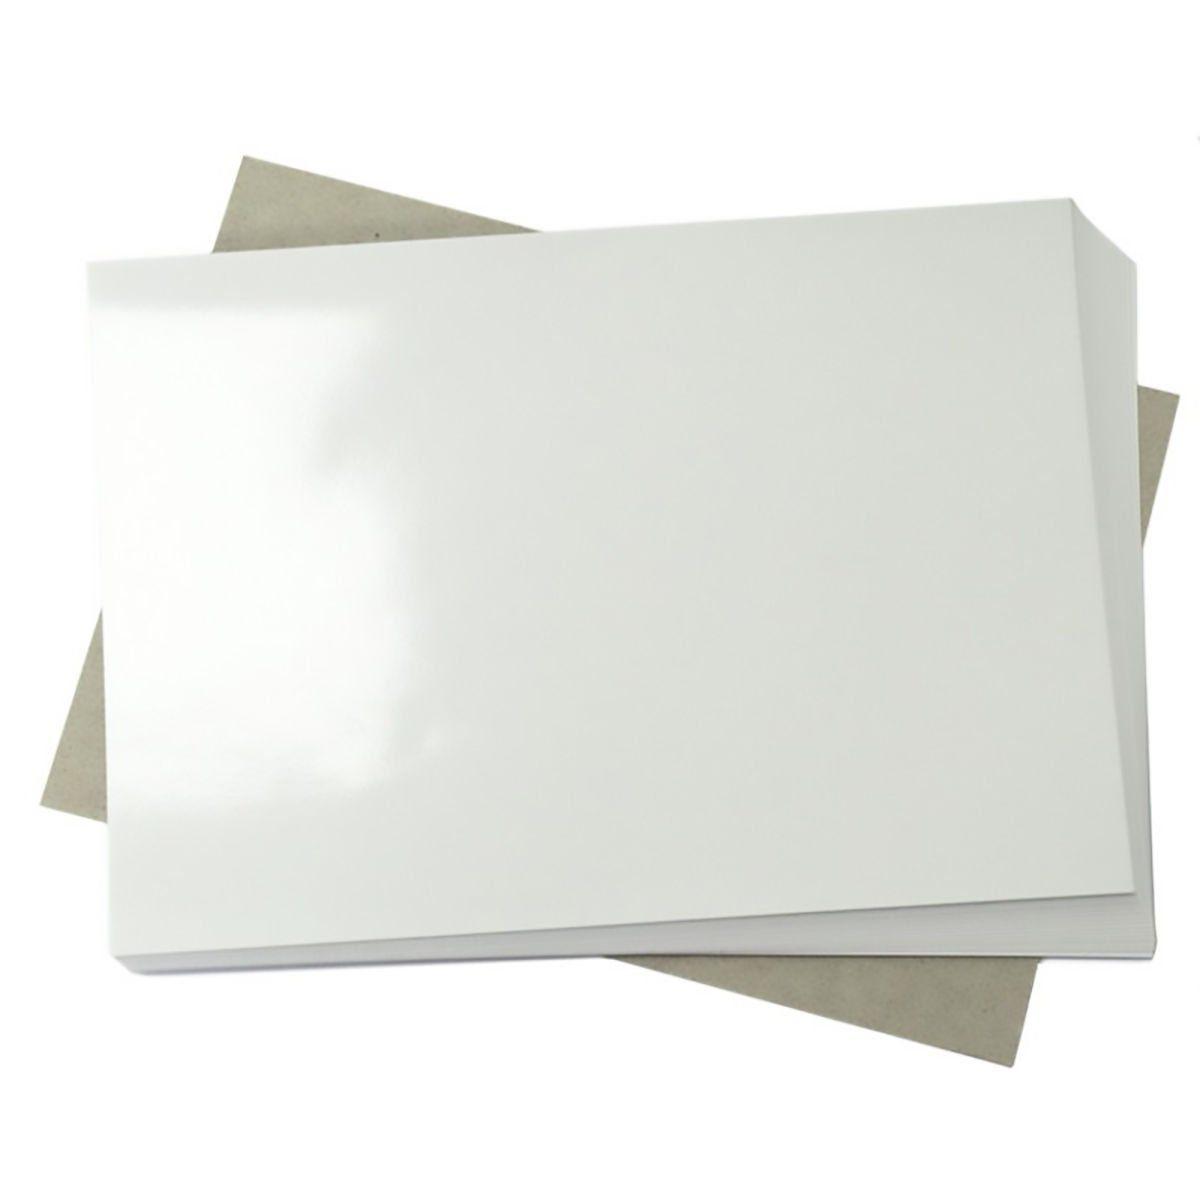 Papel Fotográfico 120g A4 Glossy Branco Brilhante Resistente à Água / 200 folhas